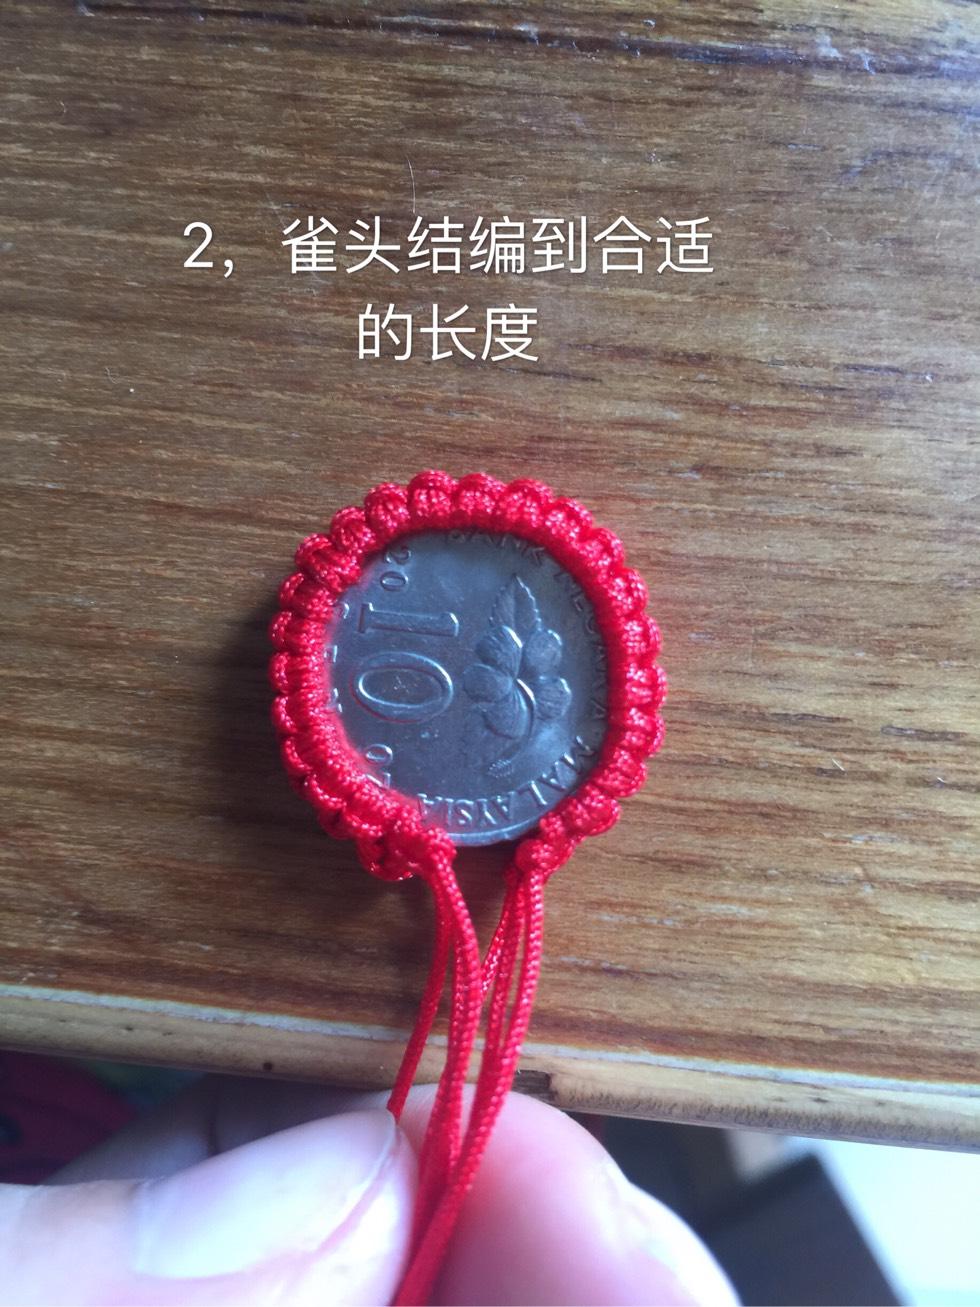 硬币手链编织教程,小花包硬币手链做法